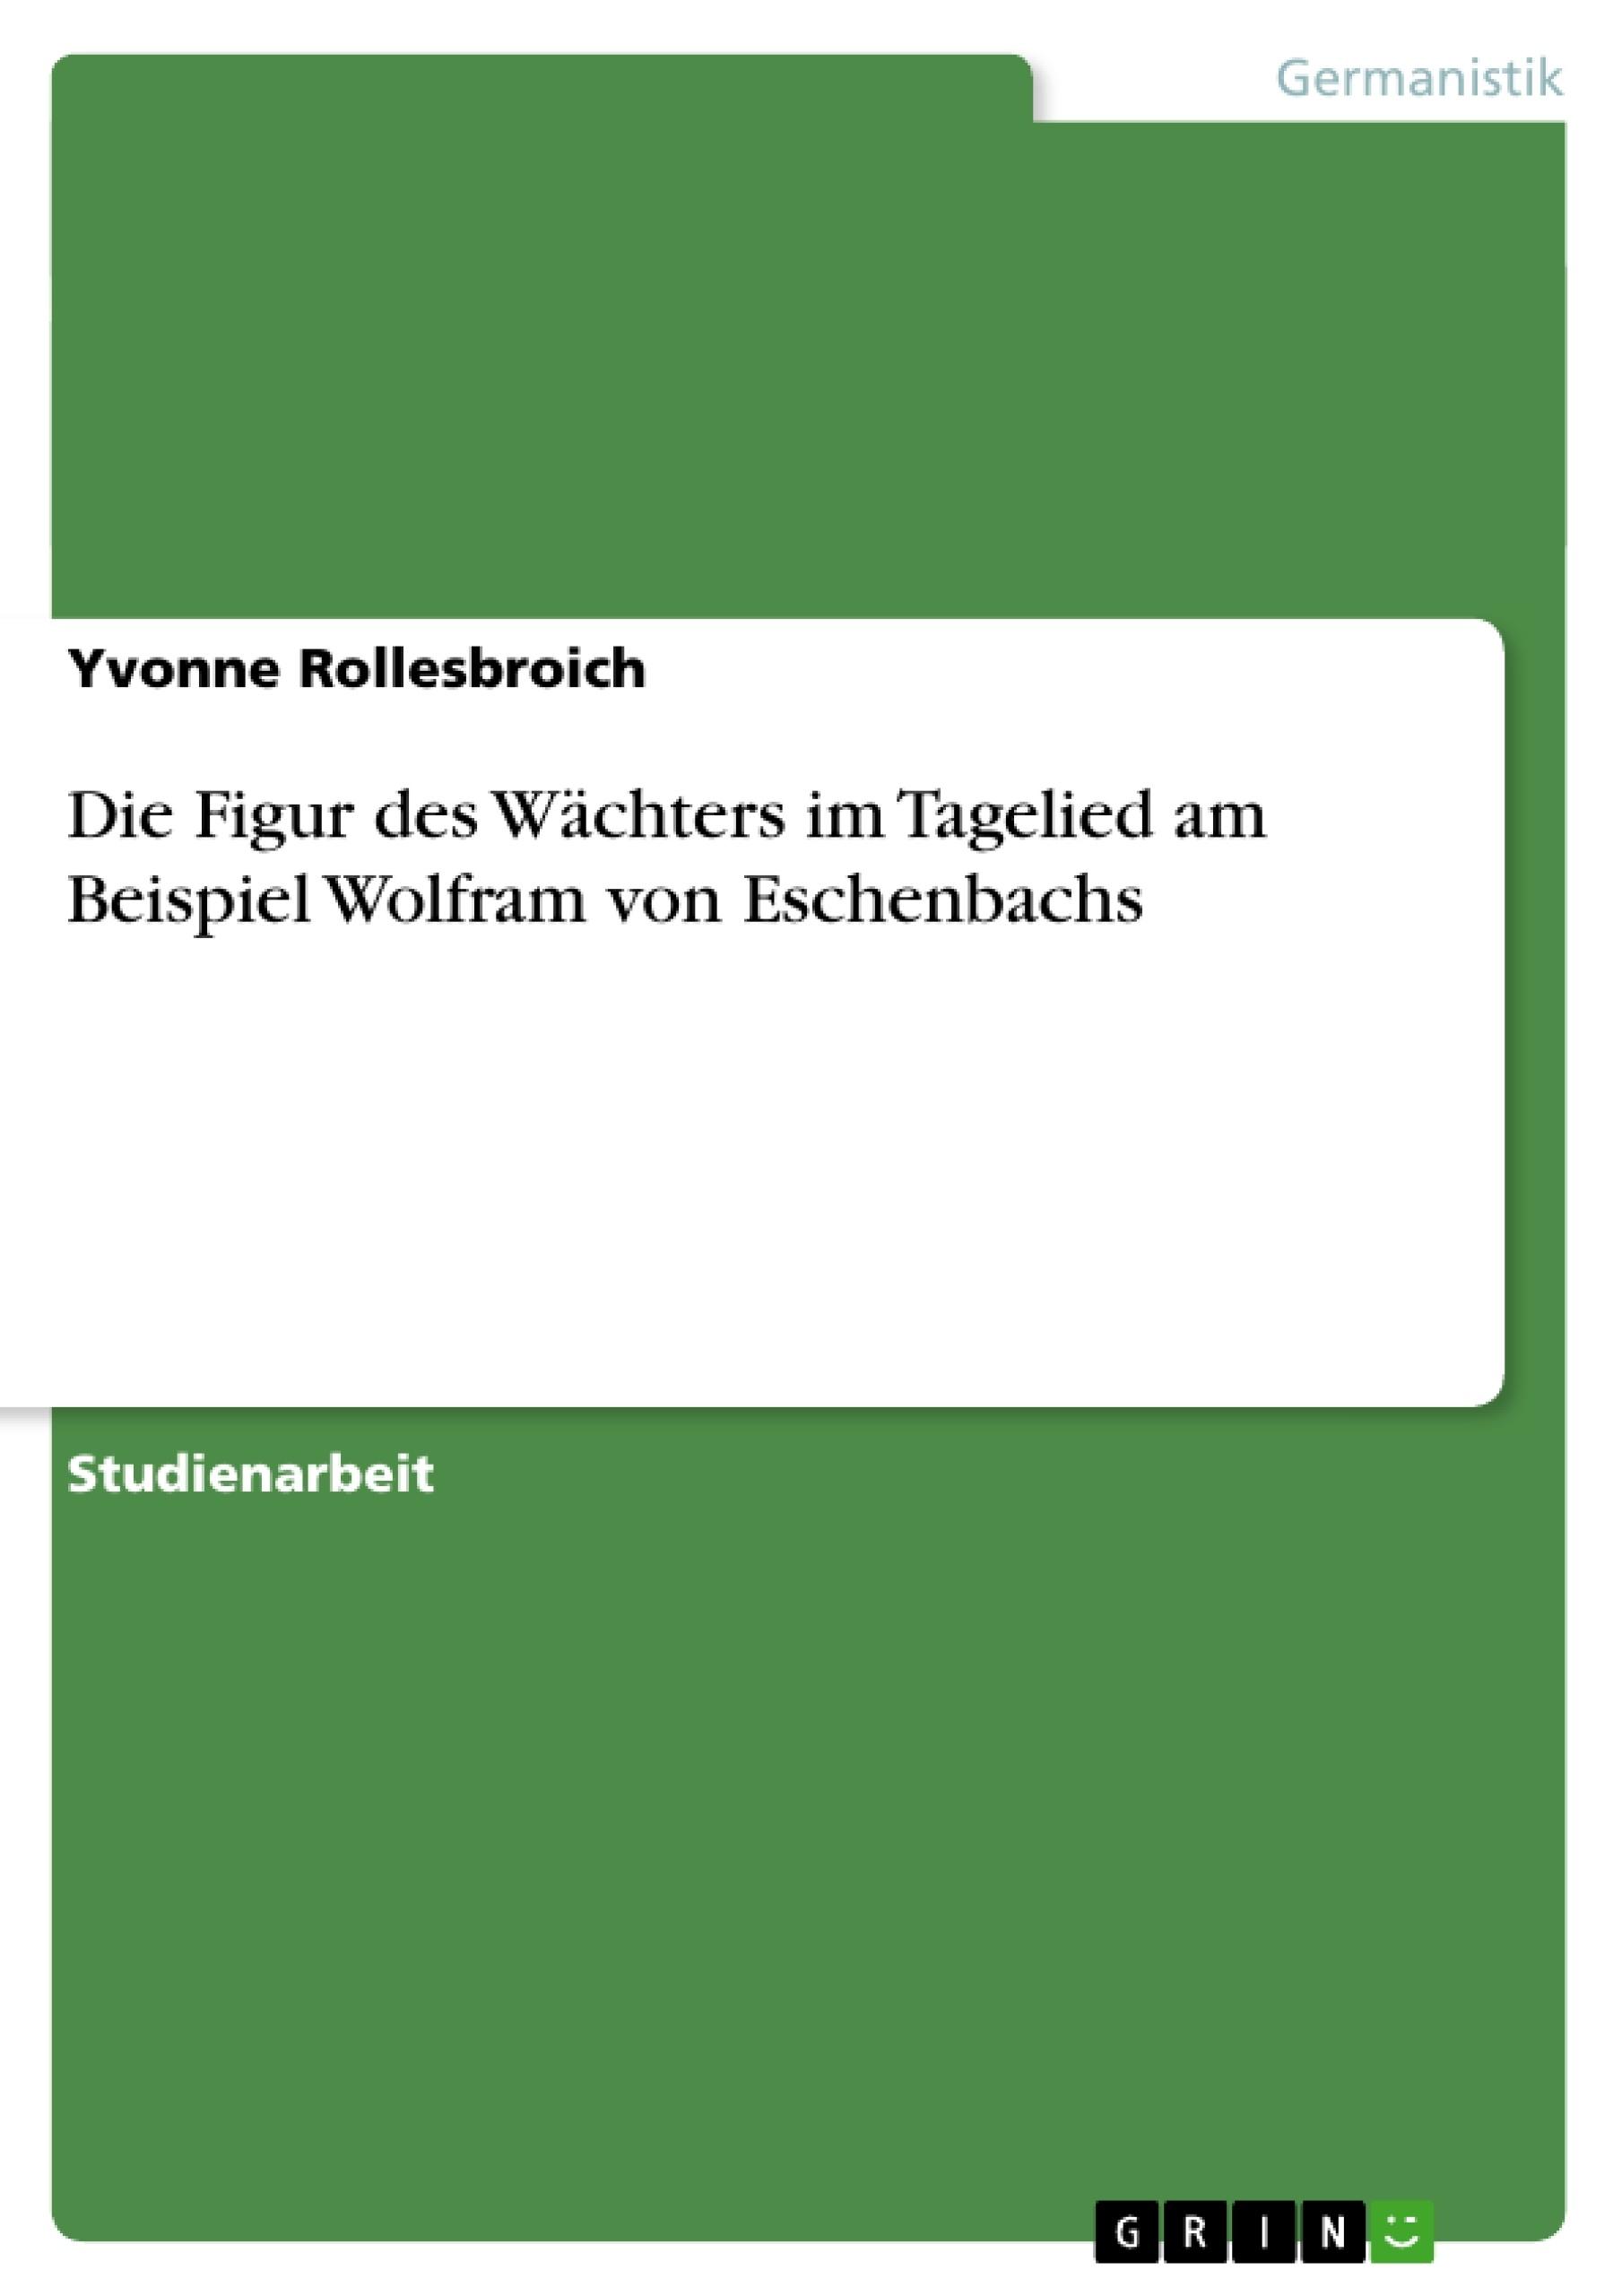 Titel: Die Figur des Wächters im Tagelied am Beispiel Wolfram von Eschenbachs